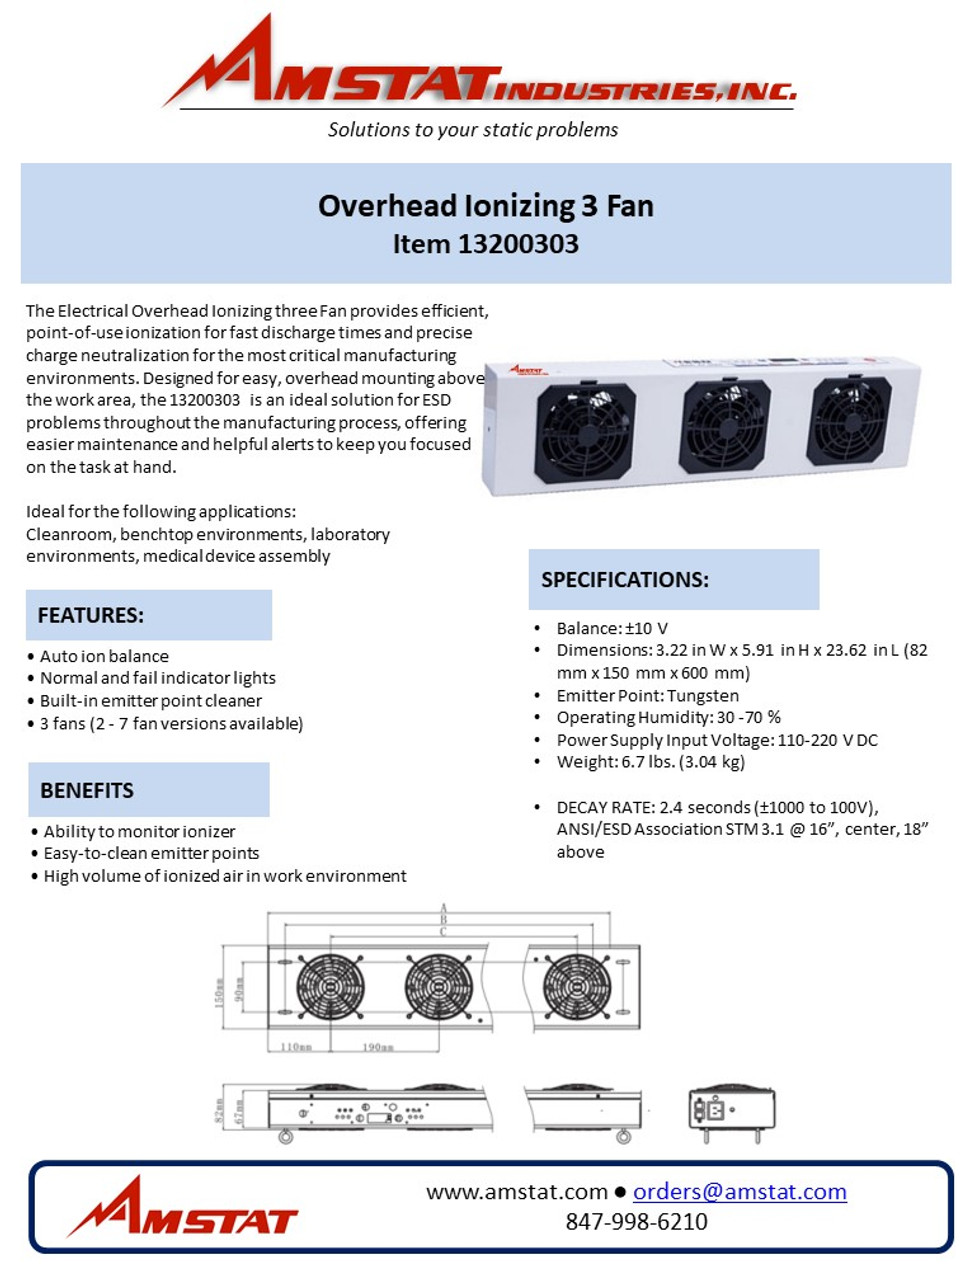 Overhead 3 Ionizing Fan -13200303